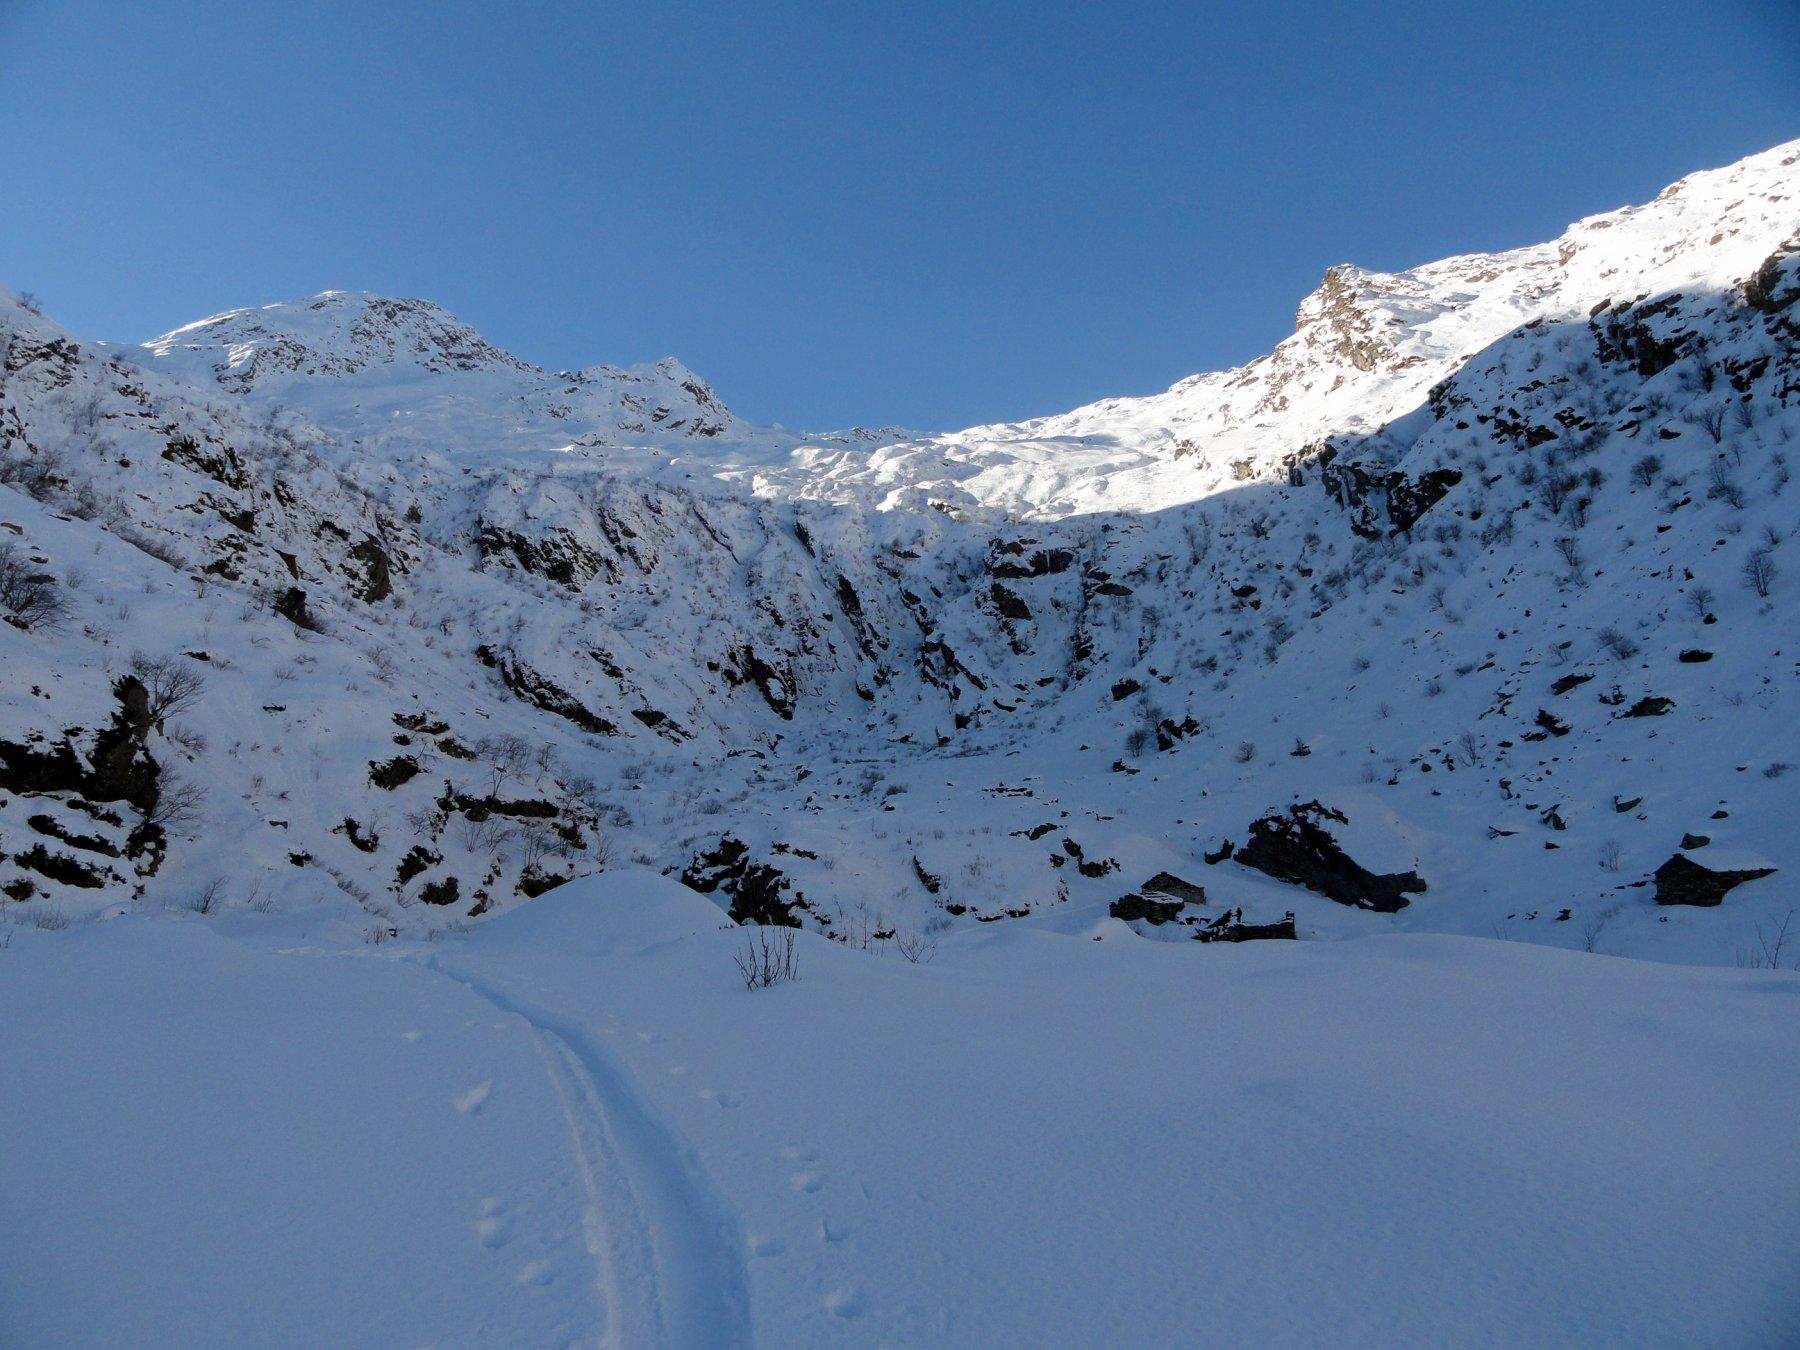 la costa Bordevolo vista da sopra la gorgia...l'apparenza non è granchè, invece c'è tanto da sciare!